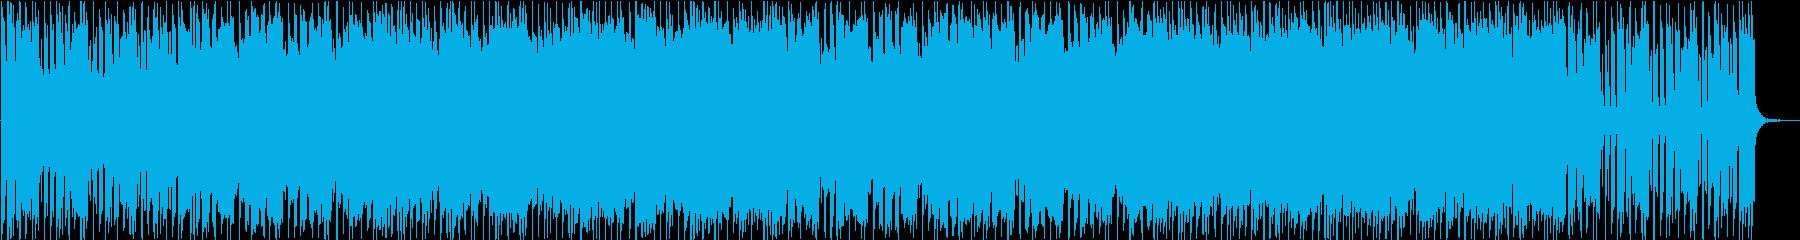 荒っぽいロック×POPなメロディの再生済みの波形